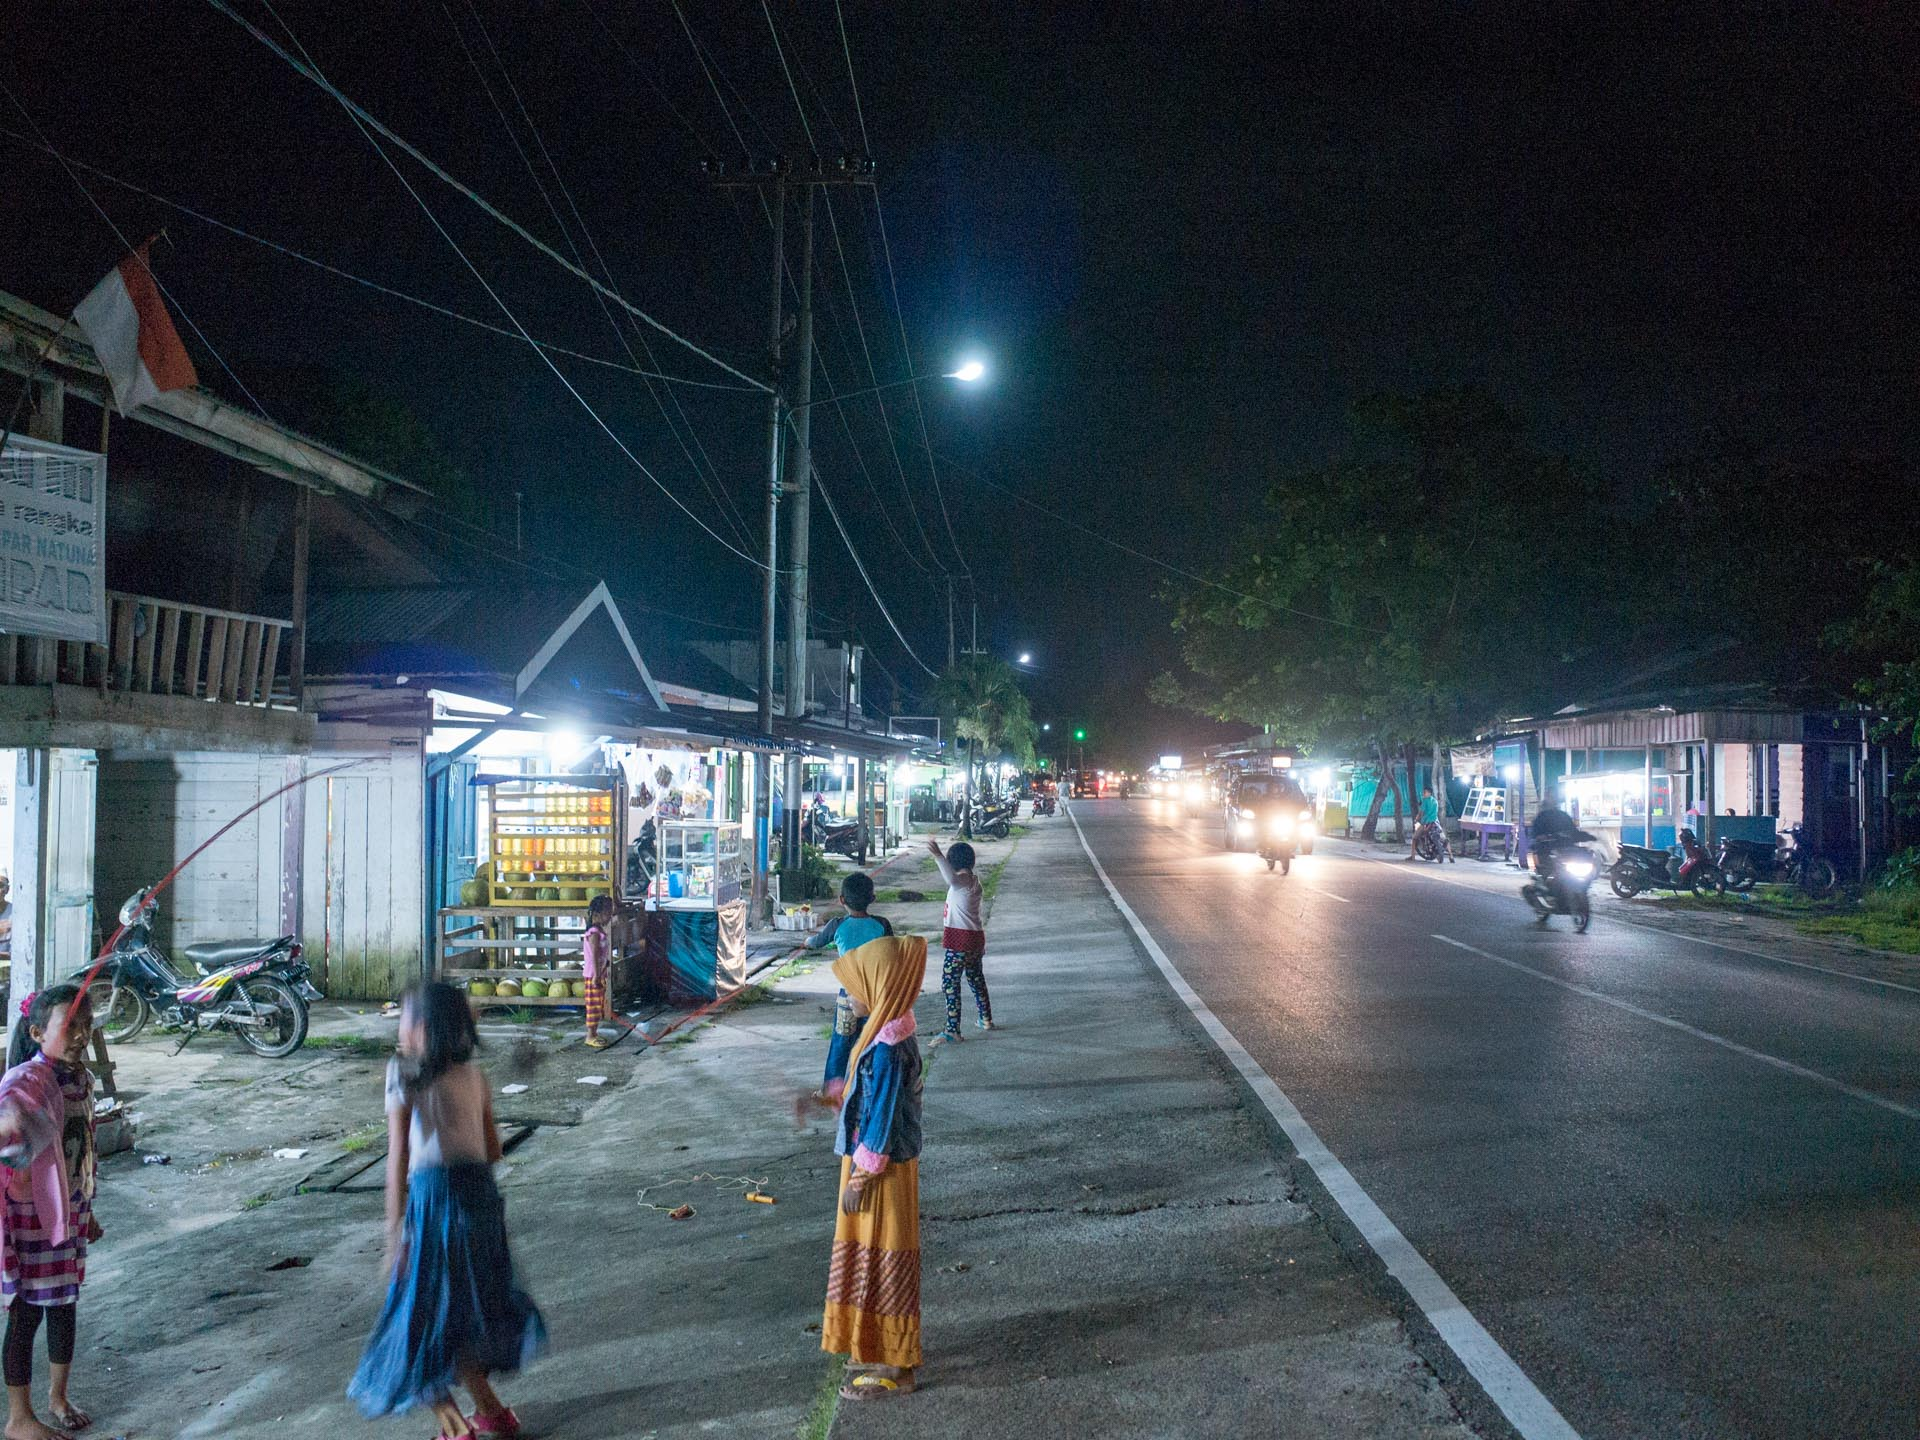 (リアウ諸島)ナトゥナ島夜の商店街